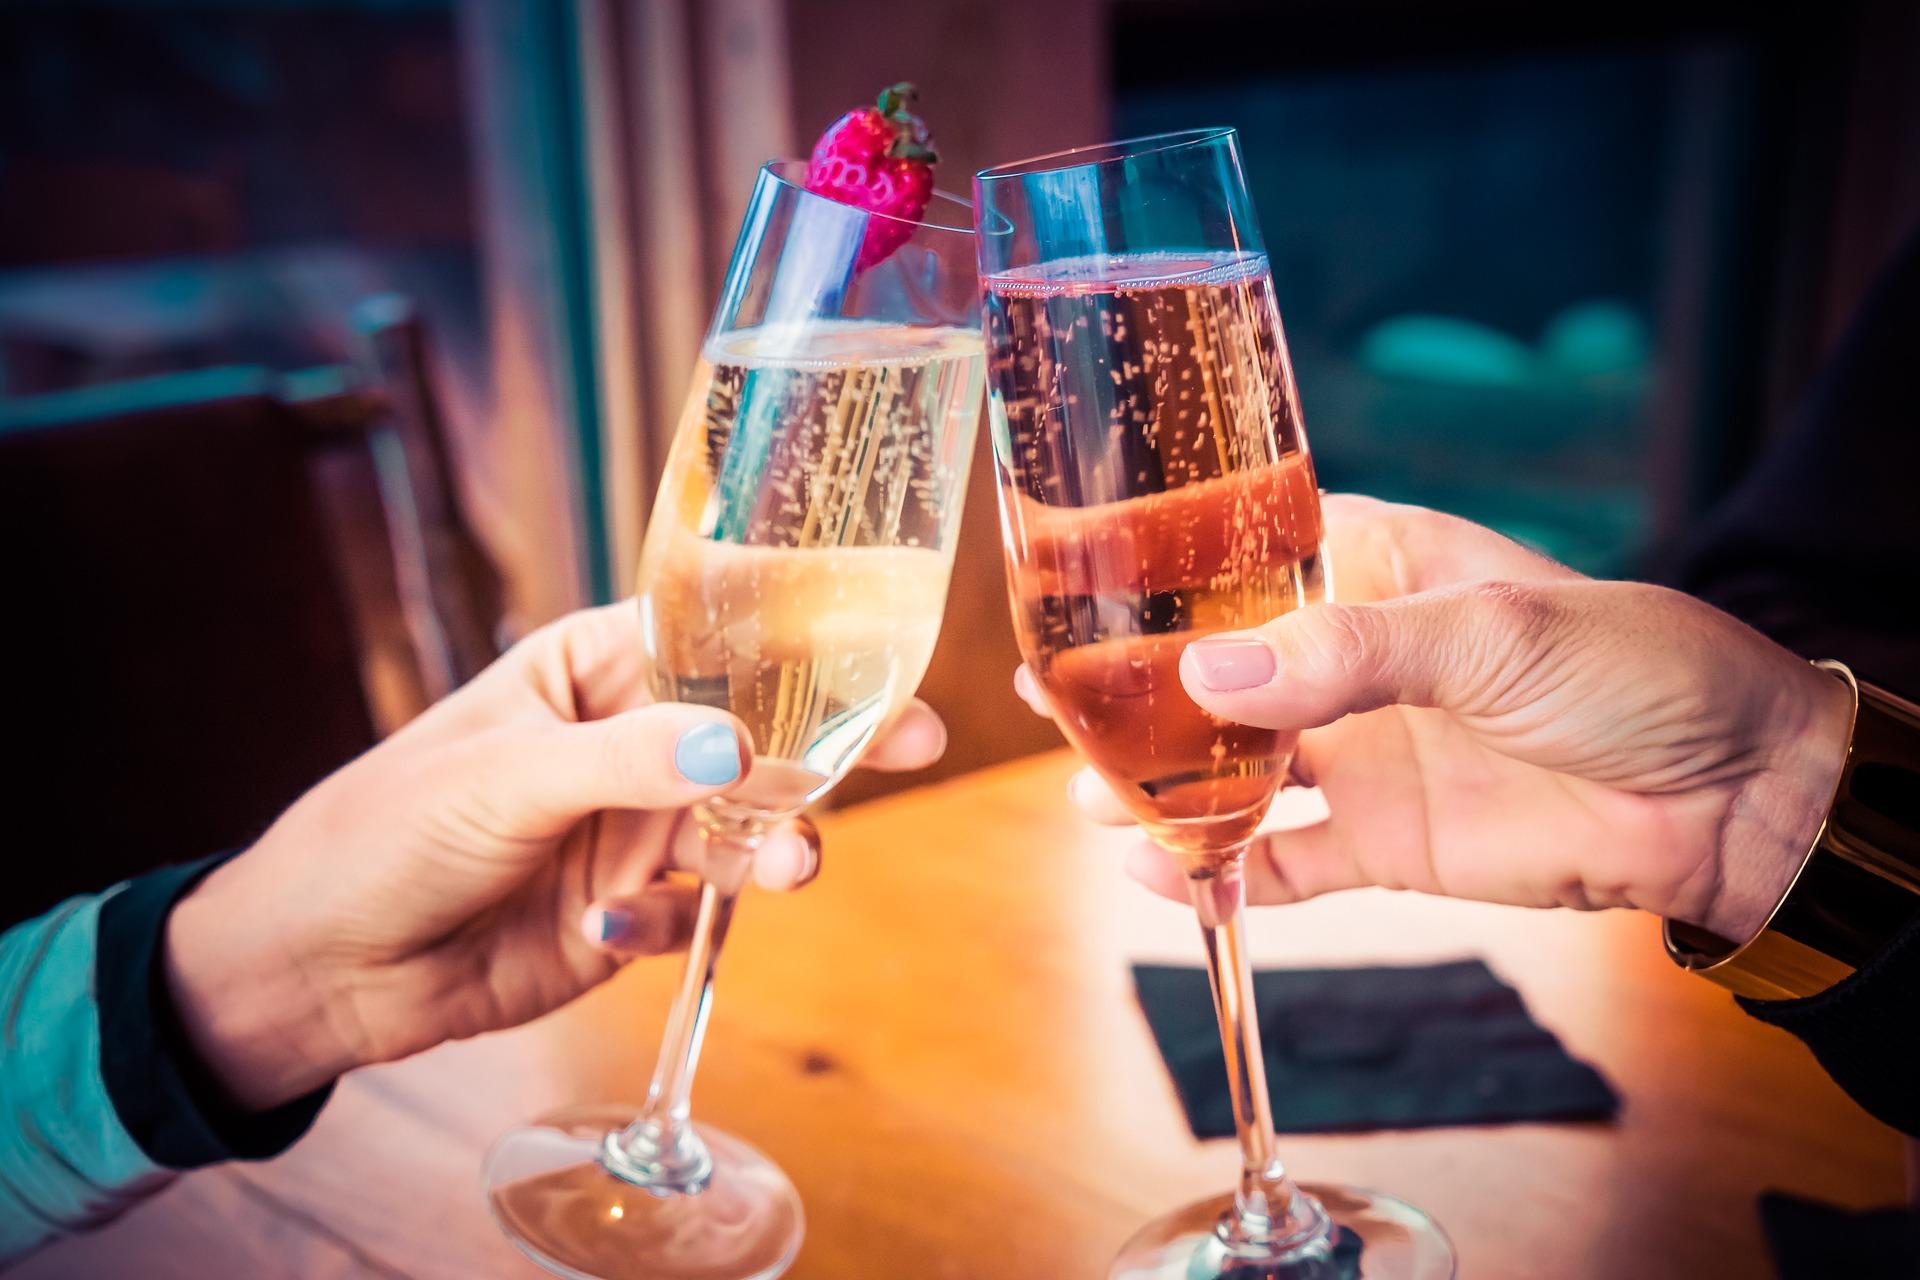 <p>Z okazji różnych okoliczności i świąt wznosimy toasty. Poradziłbyś sobie z nimi zagranicą?</p>